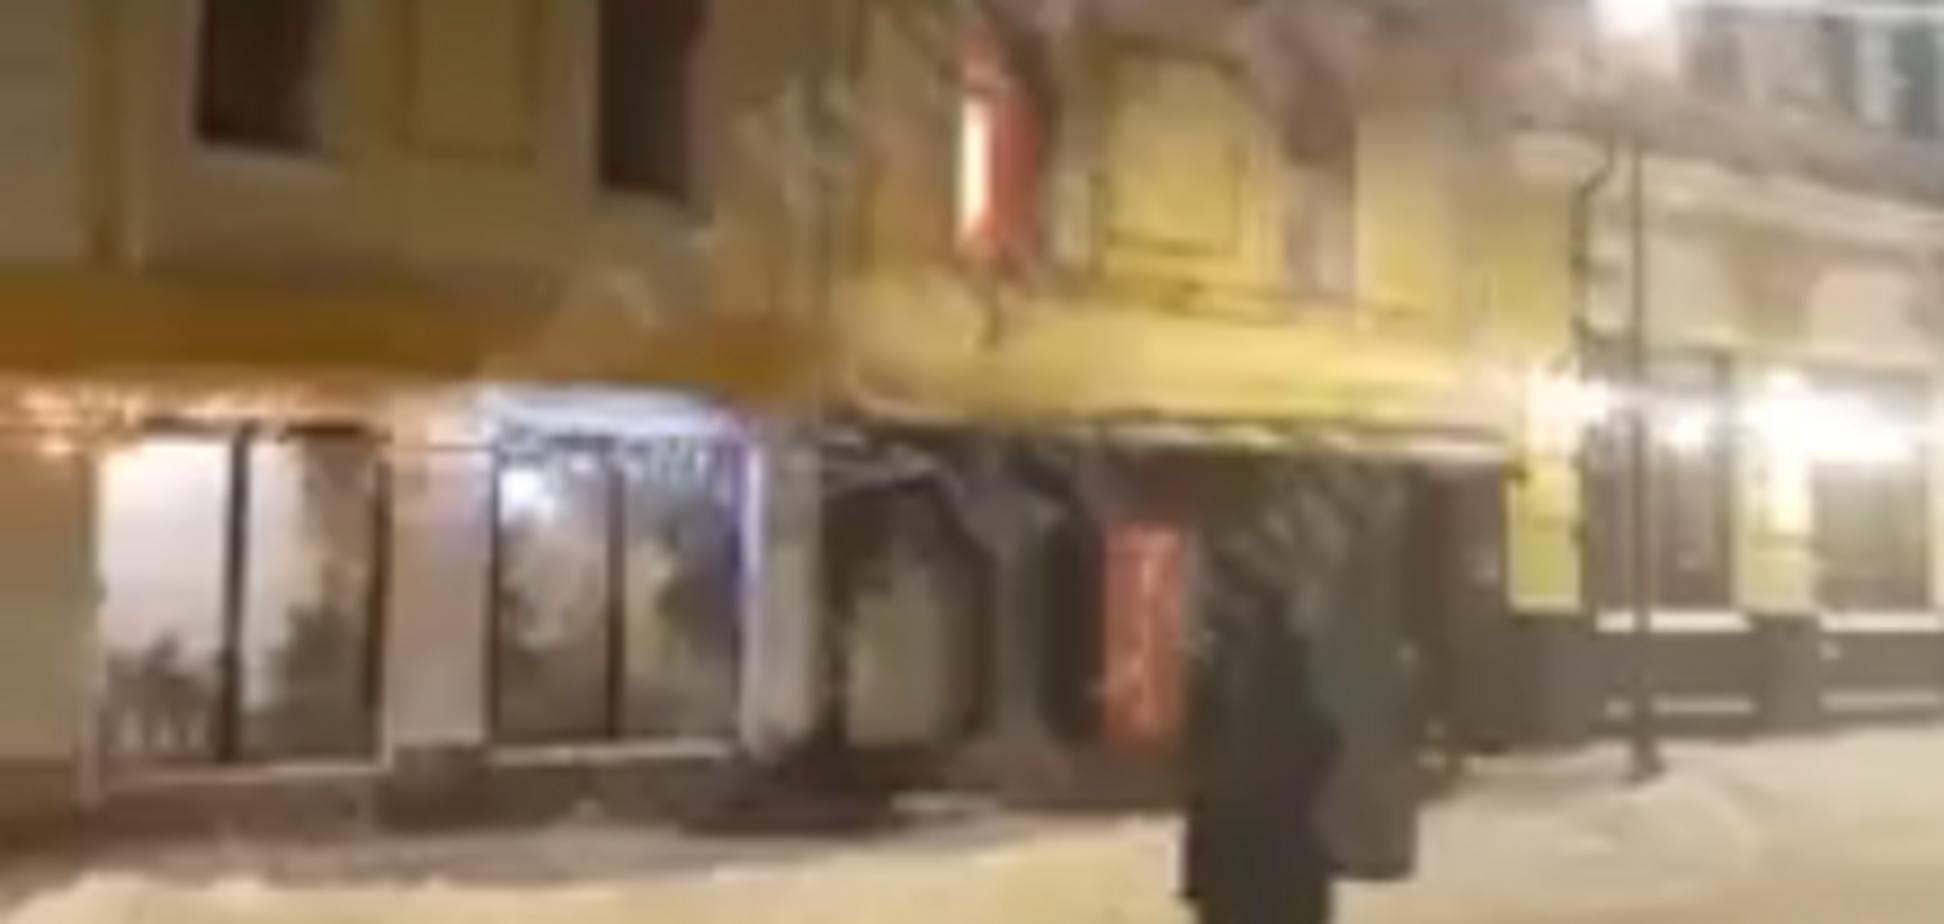 Людей срочно эвакуировали: в ресторане Киева произошло опасное ЧП. Опубликовано видео